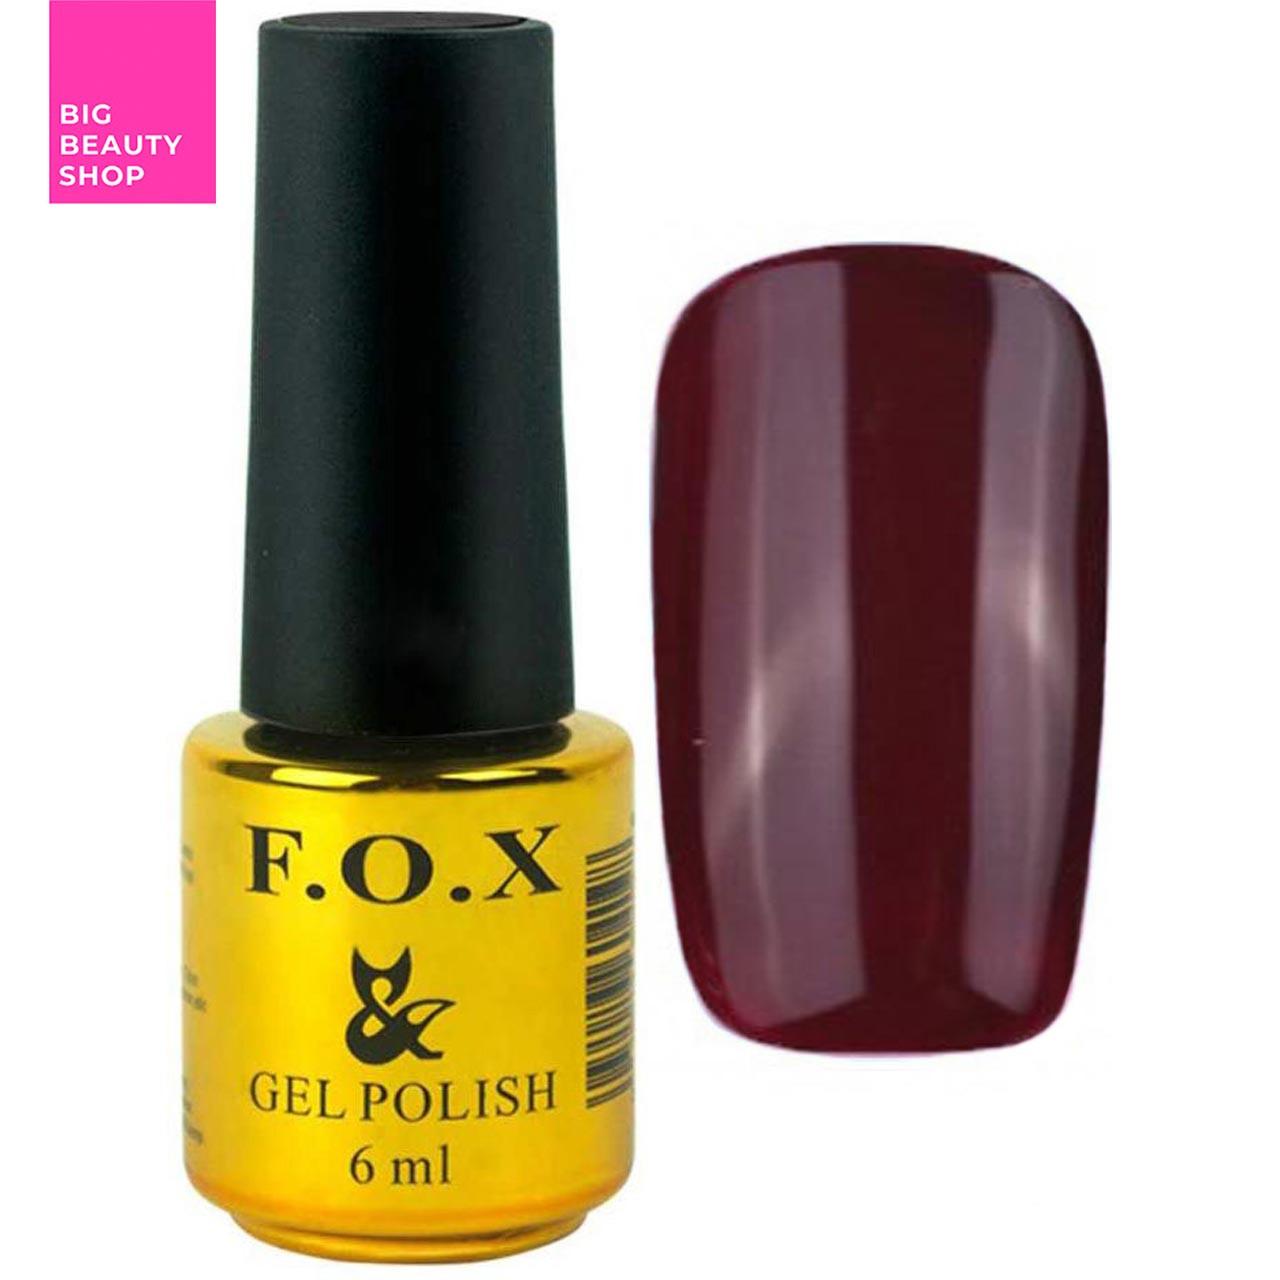 Гель-лак для ногтей FOX №255 Темно-бордовый 6 мл